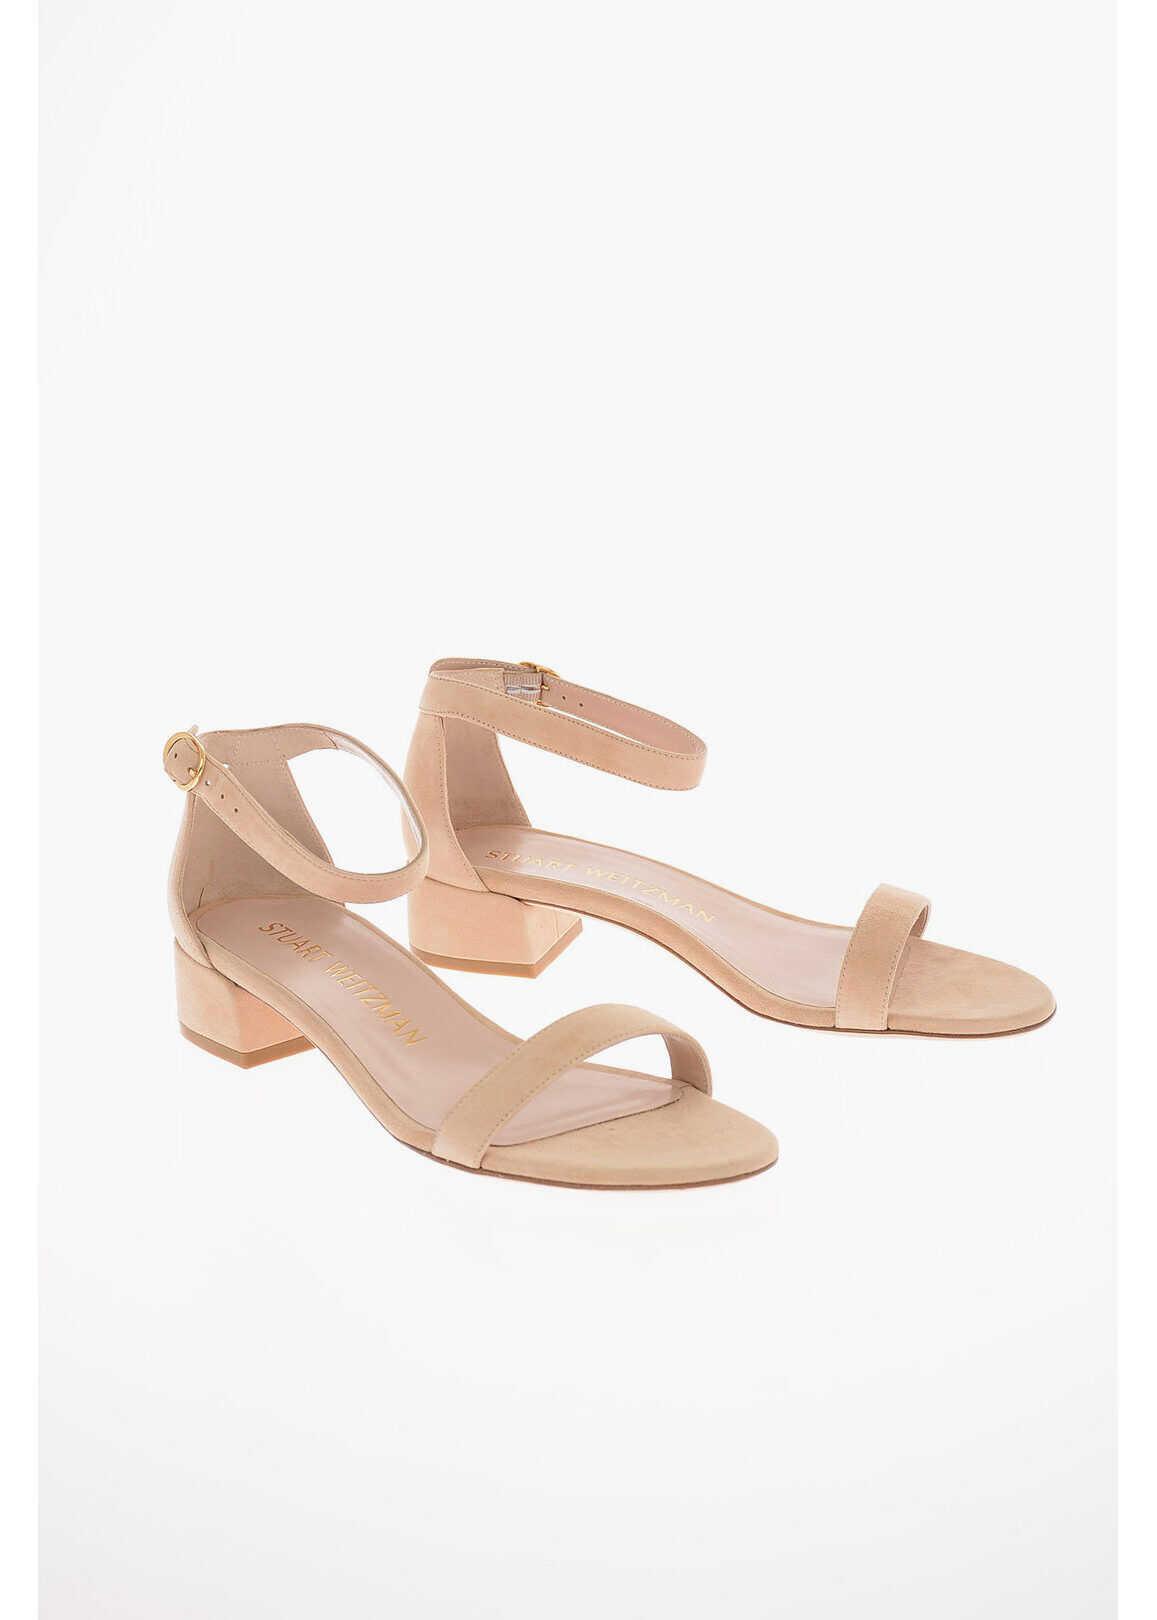 Stuart Weitzman Suede NUDIST JUNE Sandals 4 Cm PINK imagine b-mall.ro